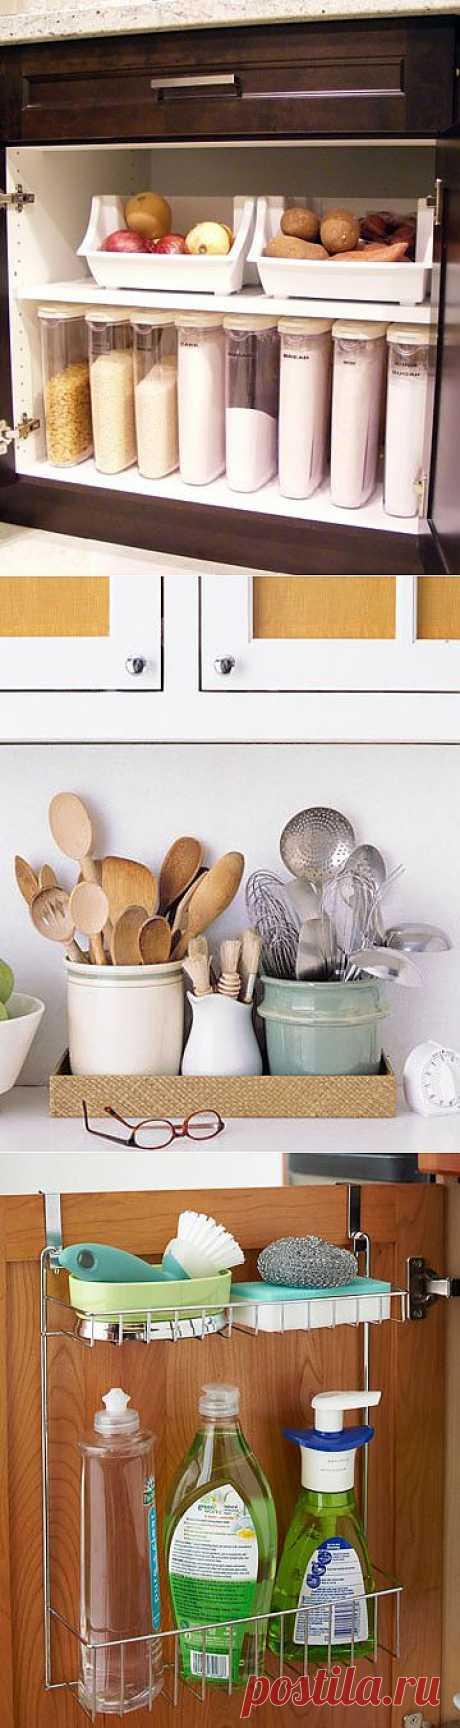 Как организовать пространство на кухне - идеи - Hozburo.ru